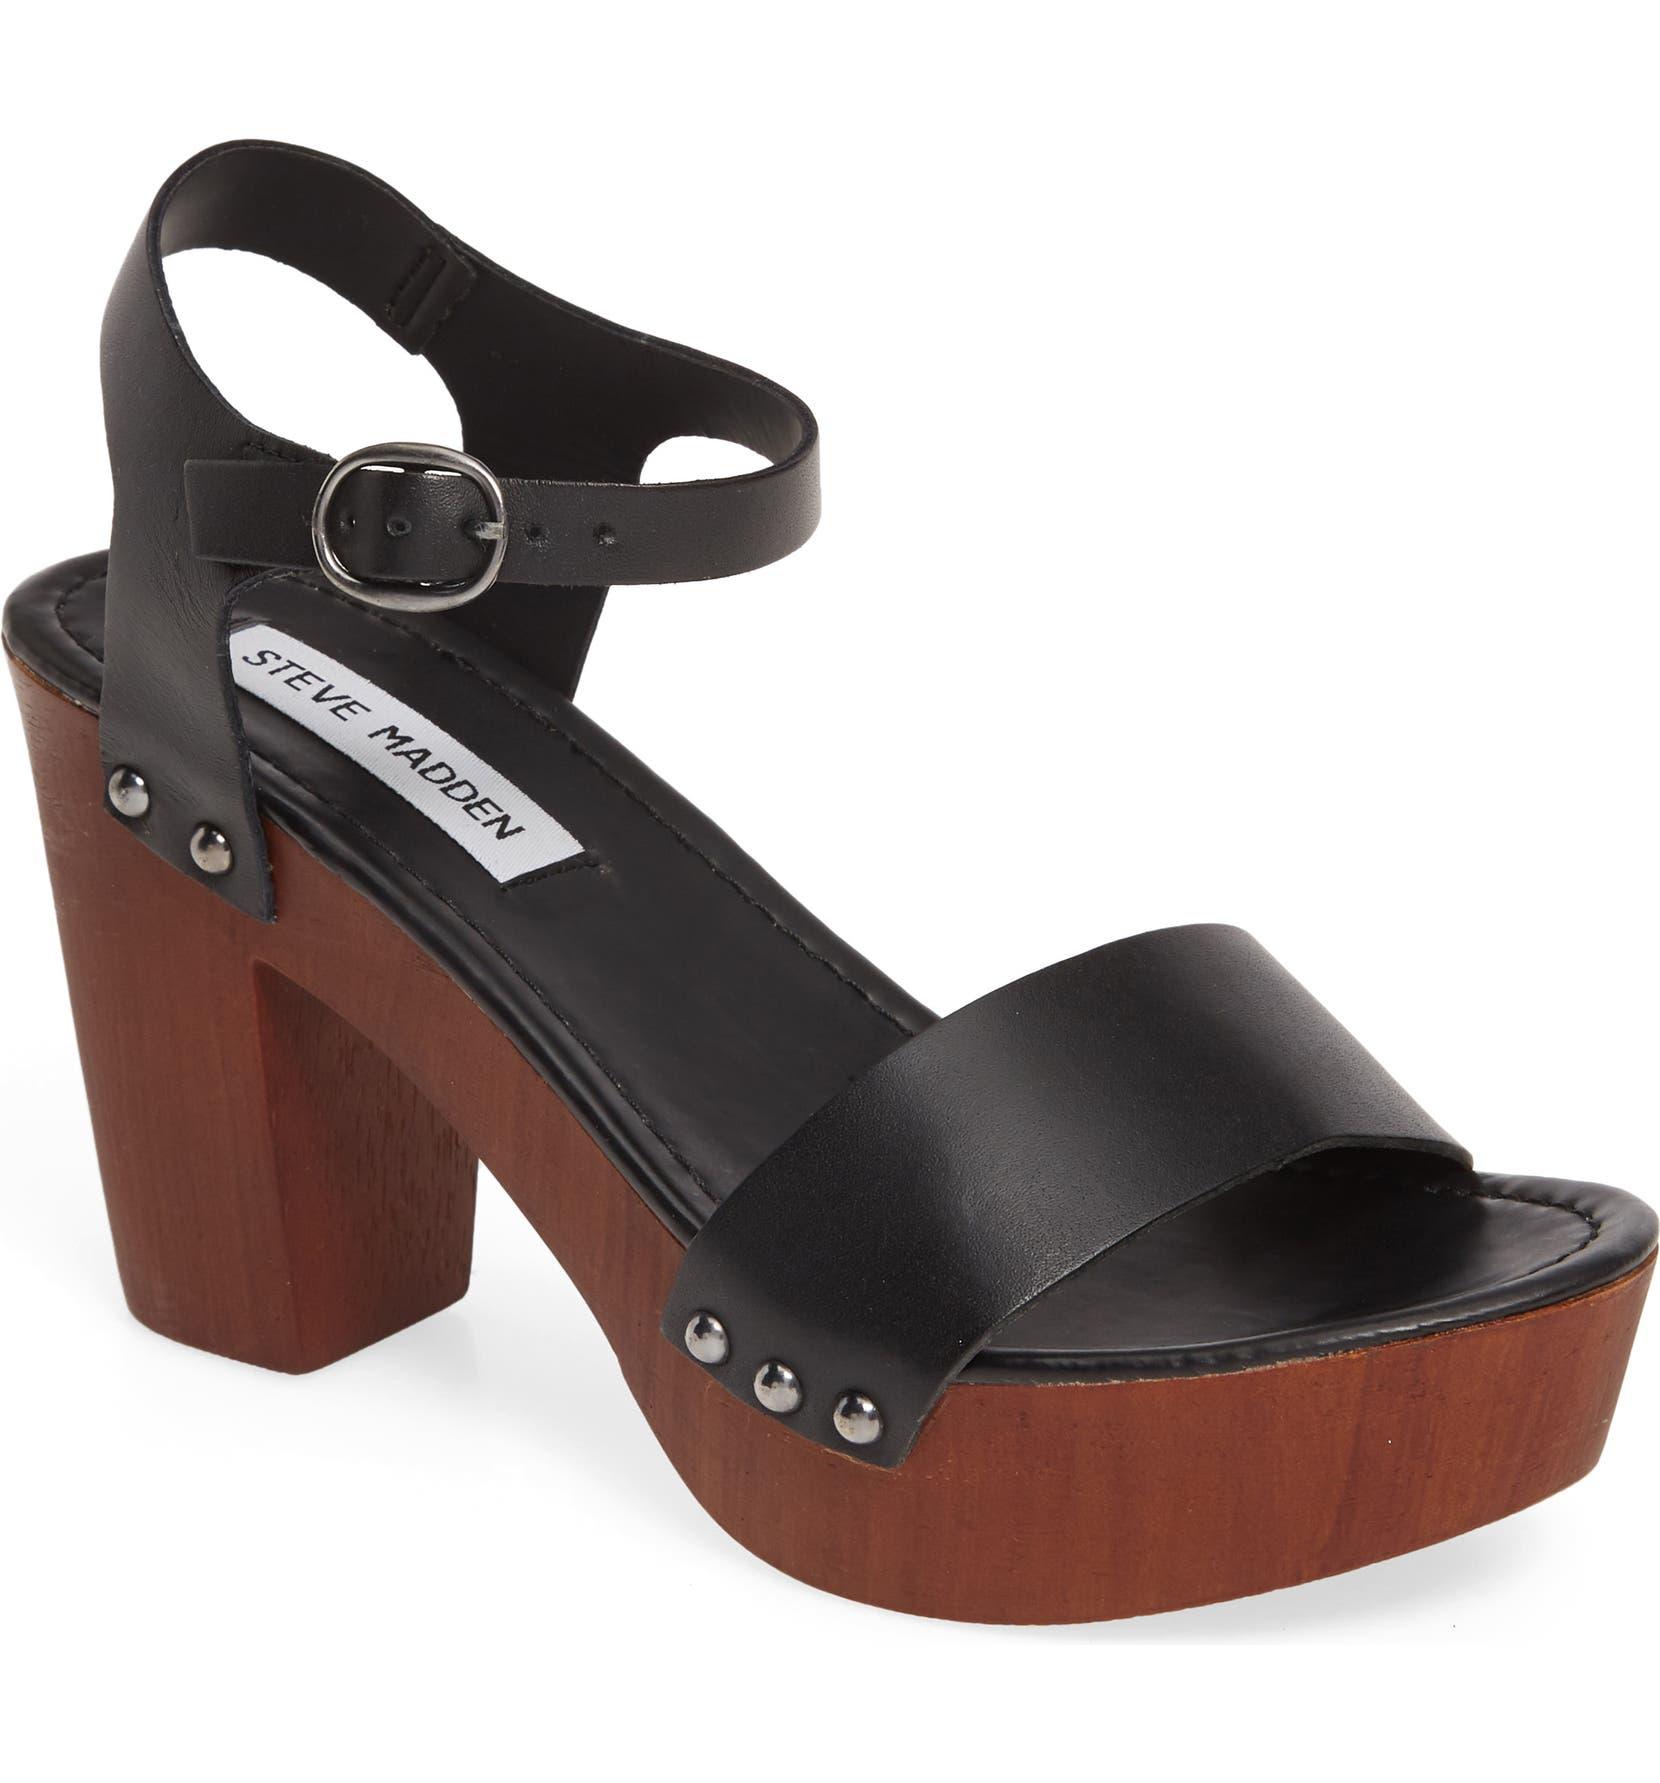 2b5f91c0a06 Steve Madden Luna Platform Sandal (Women)   Nordstrom